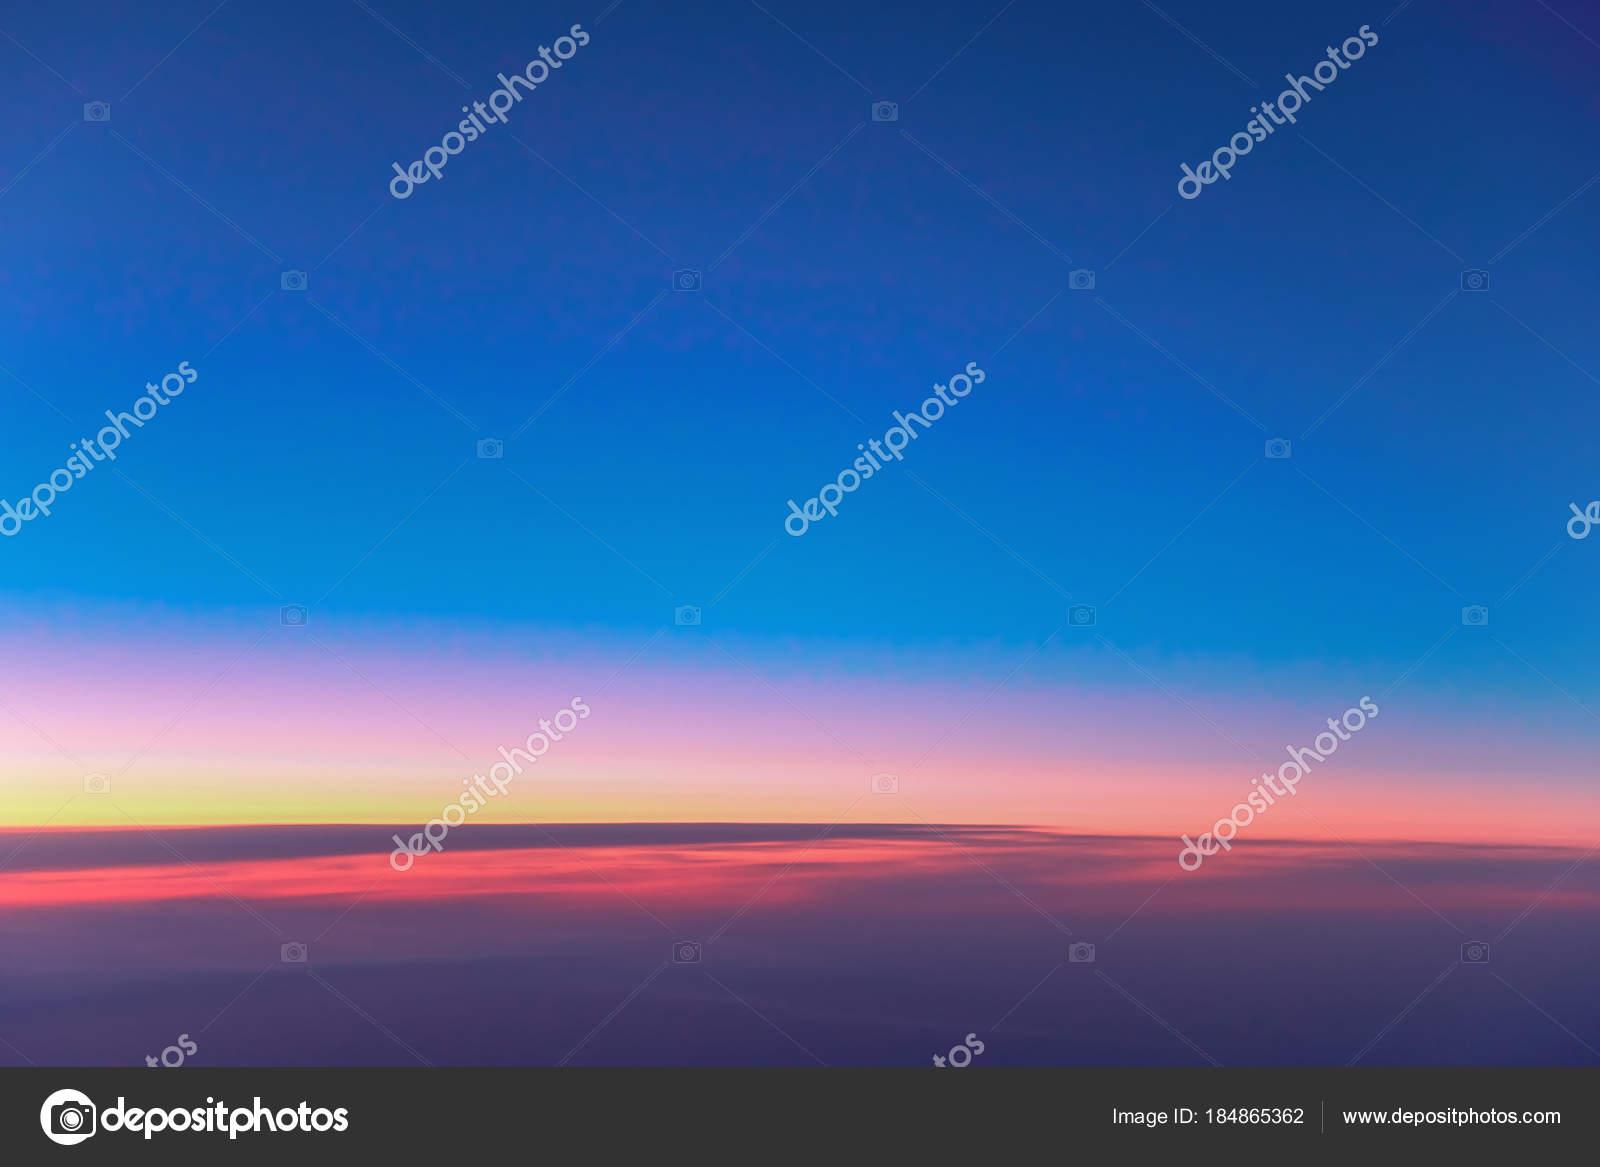 Amanhecer de paisagem sobre nuvens papel de parede amanhecer paisagem do amanhecer acima das nuvens papel de parede amanhecer vermelho laranja no cu azul escuro de manh uma viso da vigia de um avio voando foto thecheapjerseys Choice Image